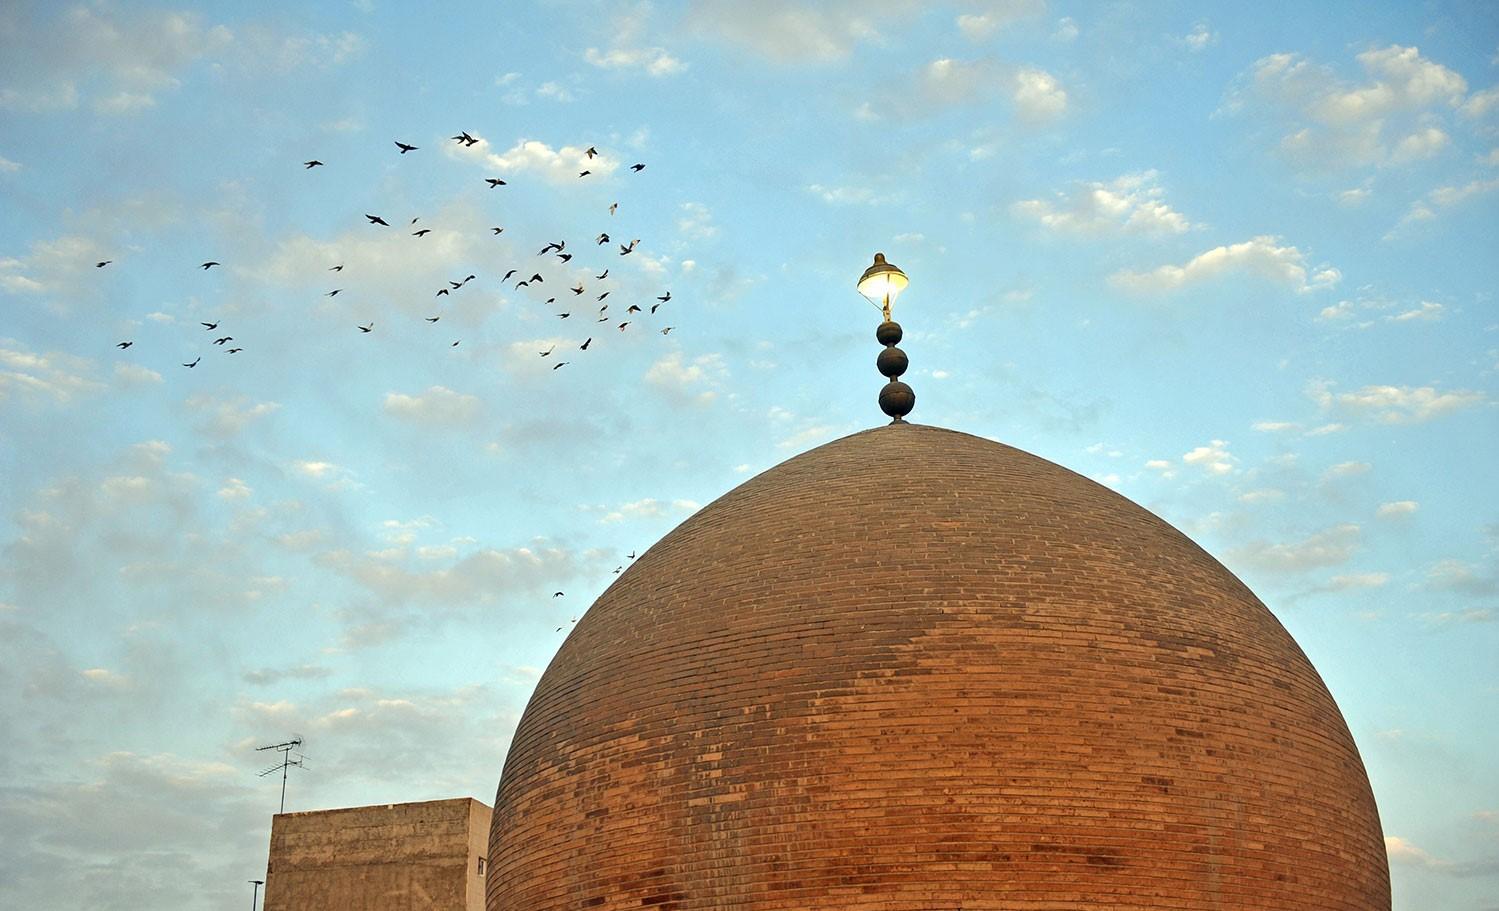 گنبد خشتی ،،جاذبه های تاریخی شهر مشهد